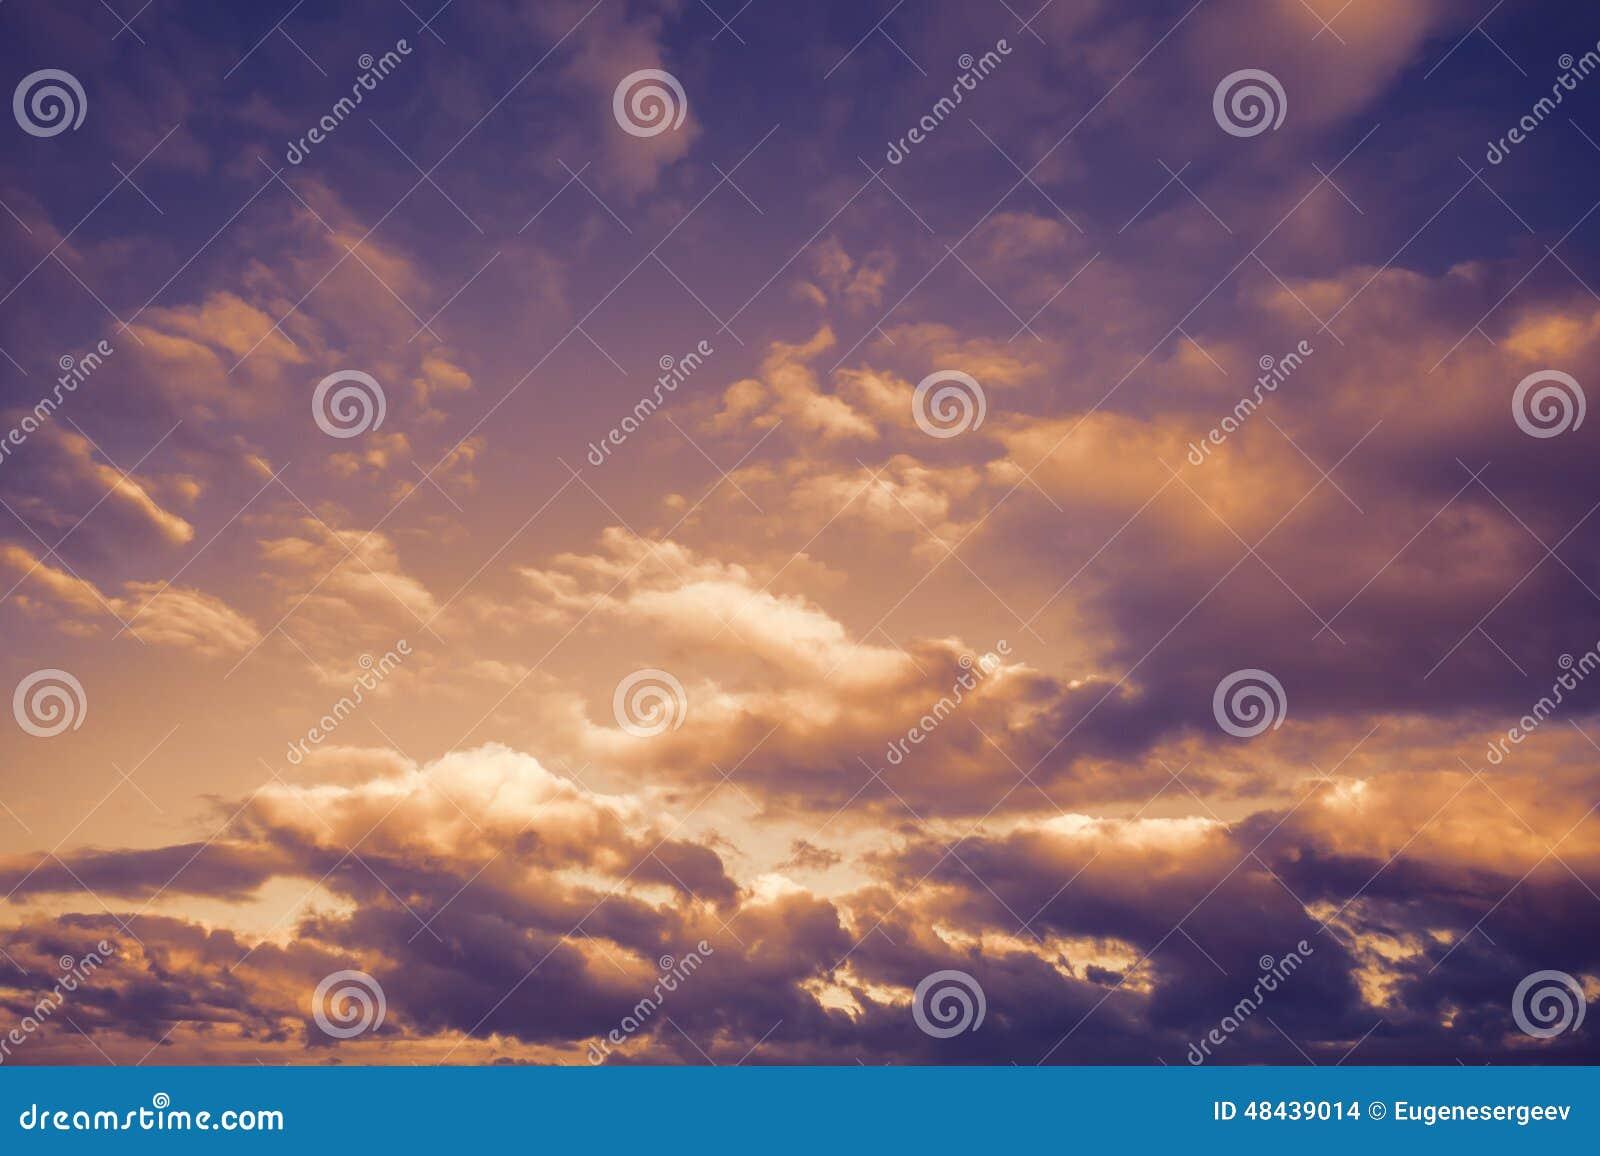 与云彩的黑暗的喜怒无常的风雨如磐的天空,抽象背景